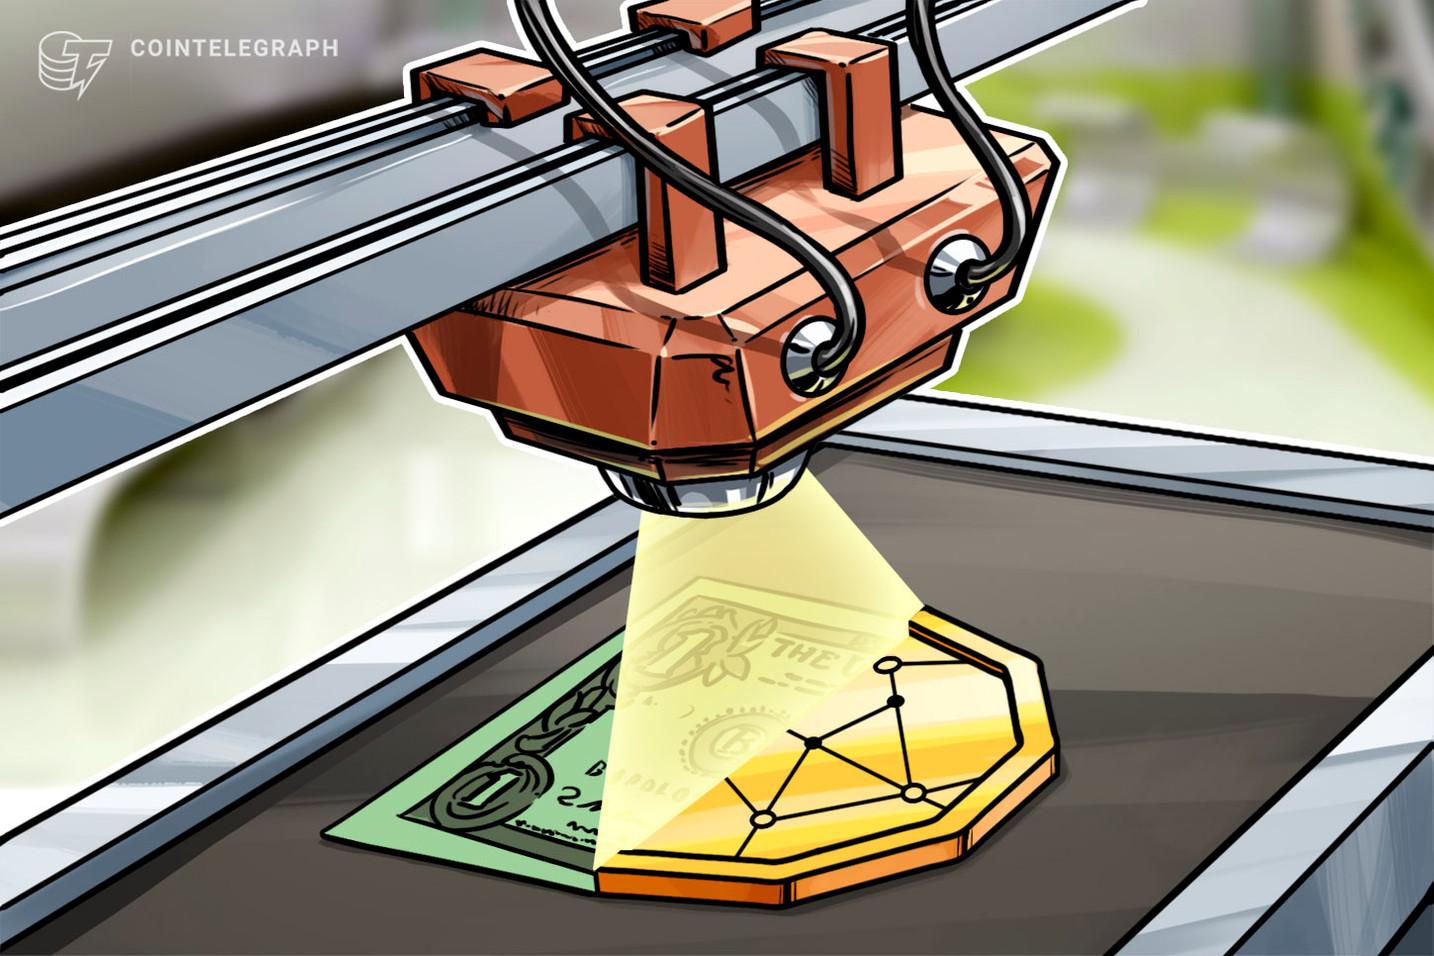 NYSE-Betreiber: Einführung von Krypto-Tracking-Tool für Investoren